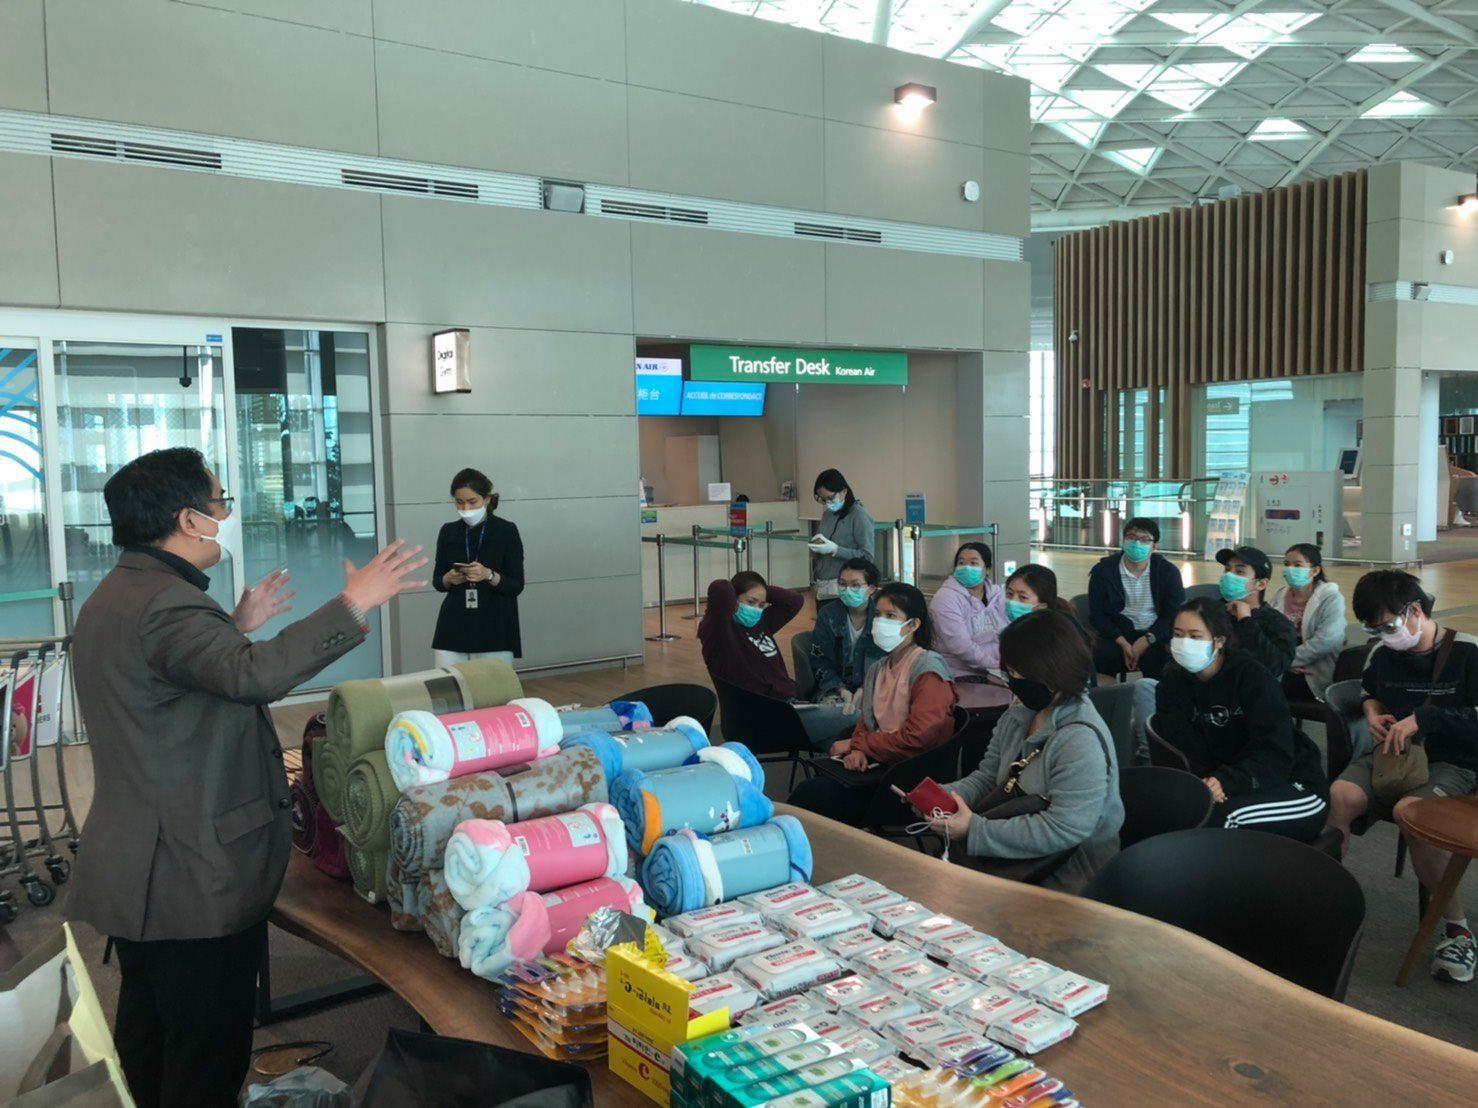 สถานเอกอัครราชทูต ณ กรุงโซลให้ความช่วยเหลือคนไทยที่สนามบินอินชอน